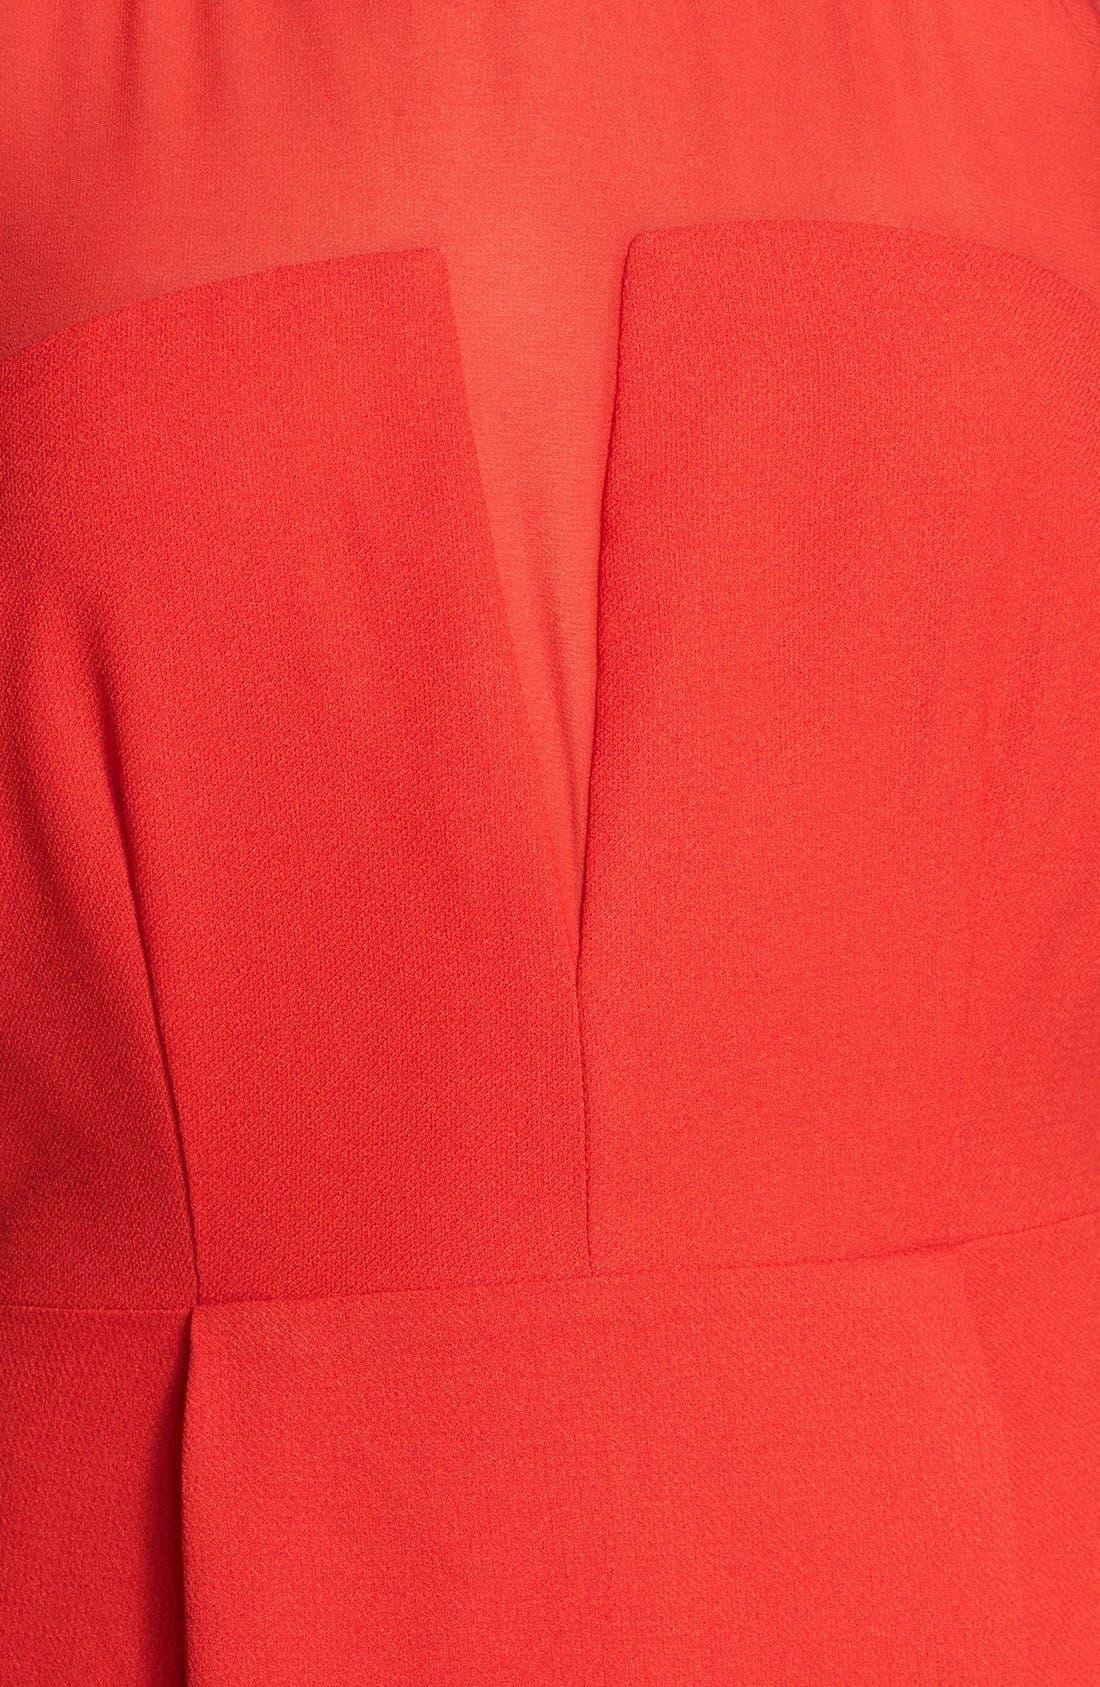 Alternate Image 3  - En Crème Illusion A-Line Dress (Juniors)